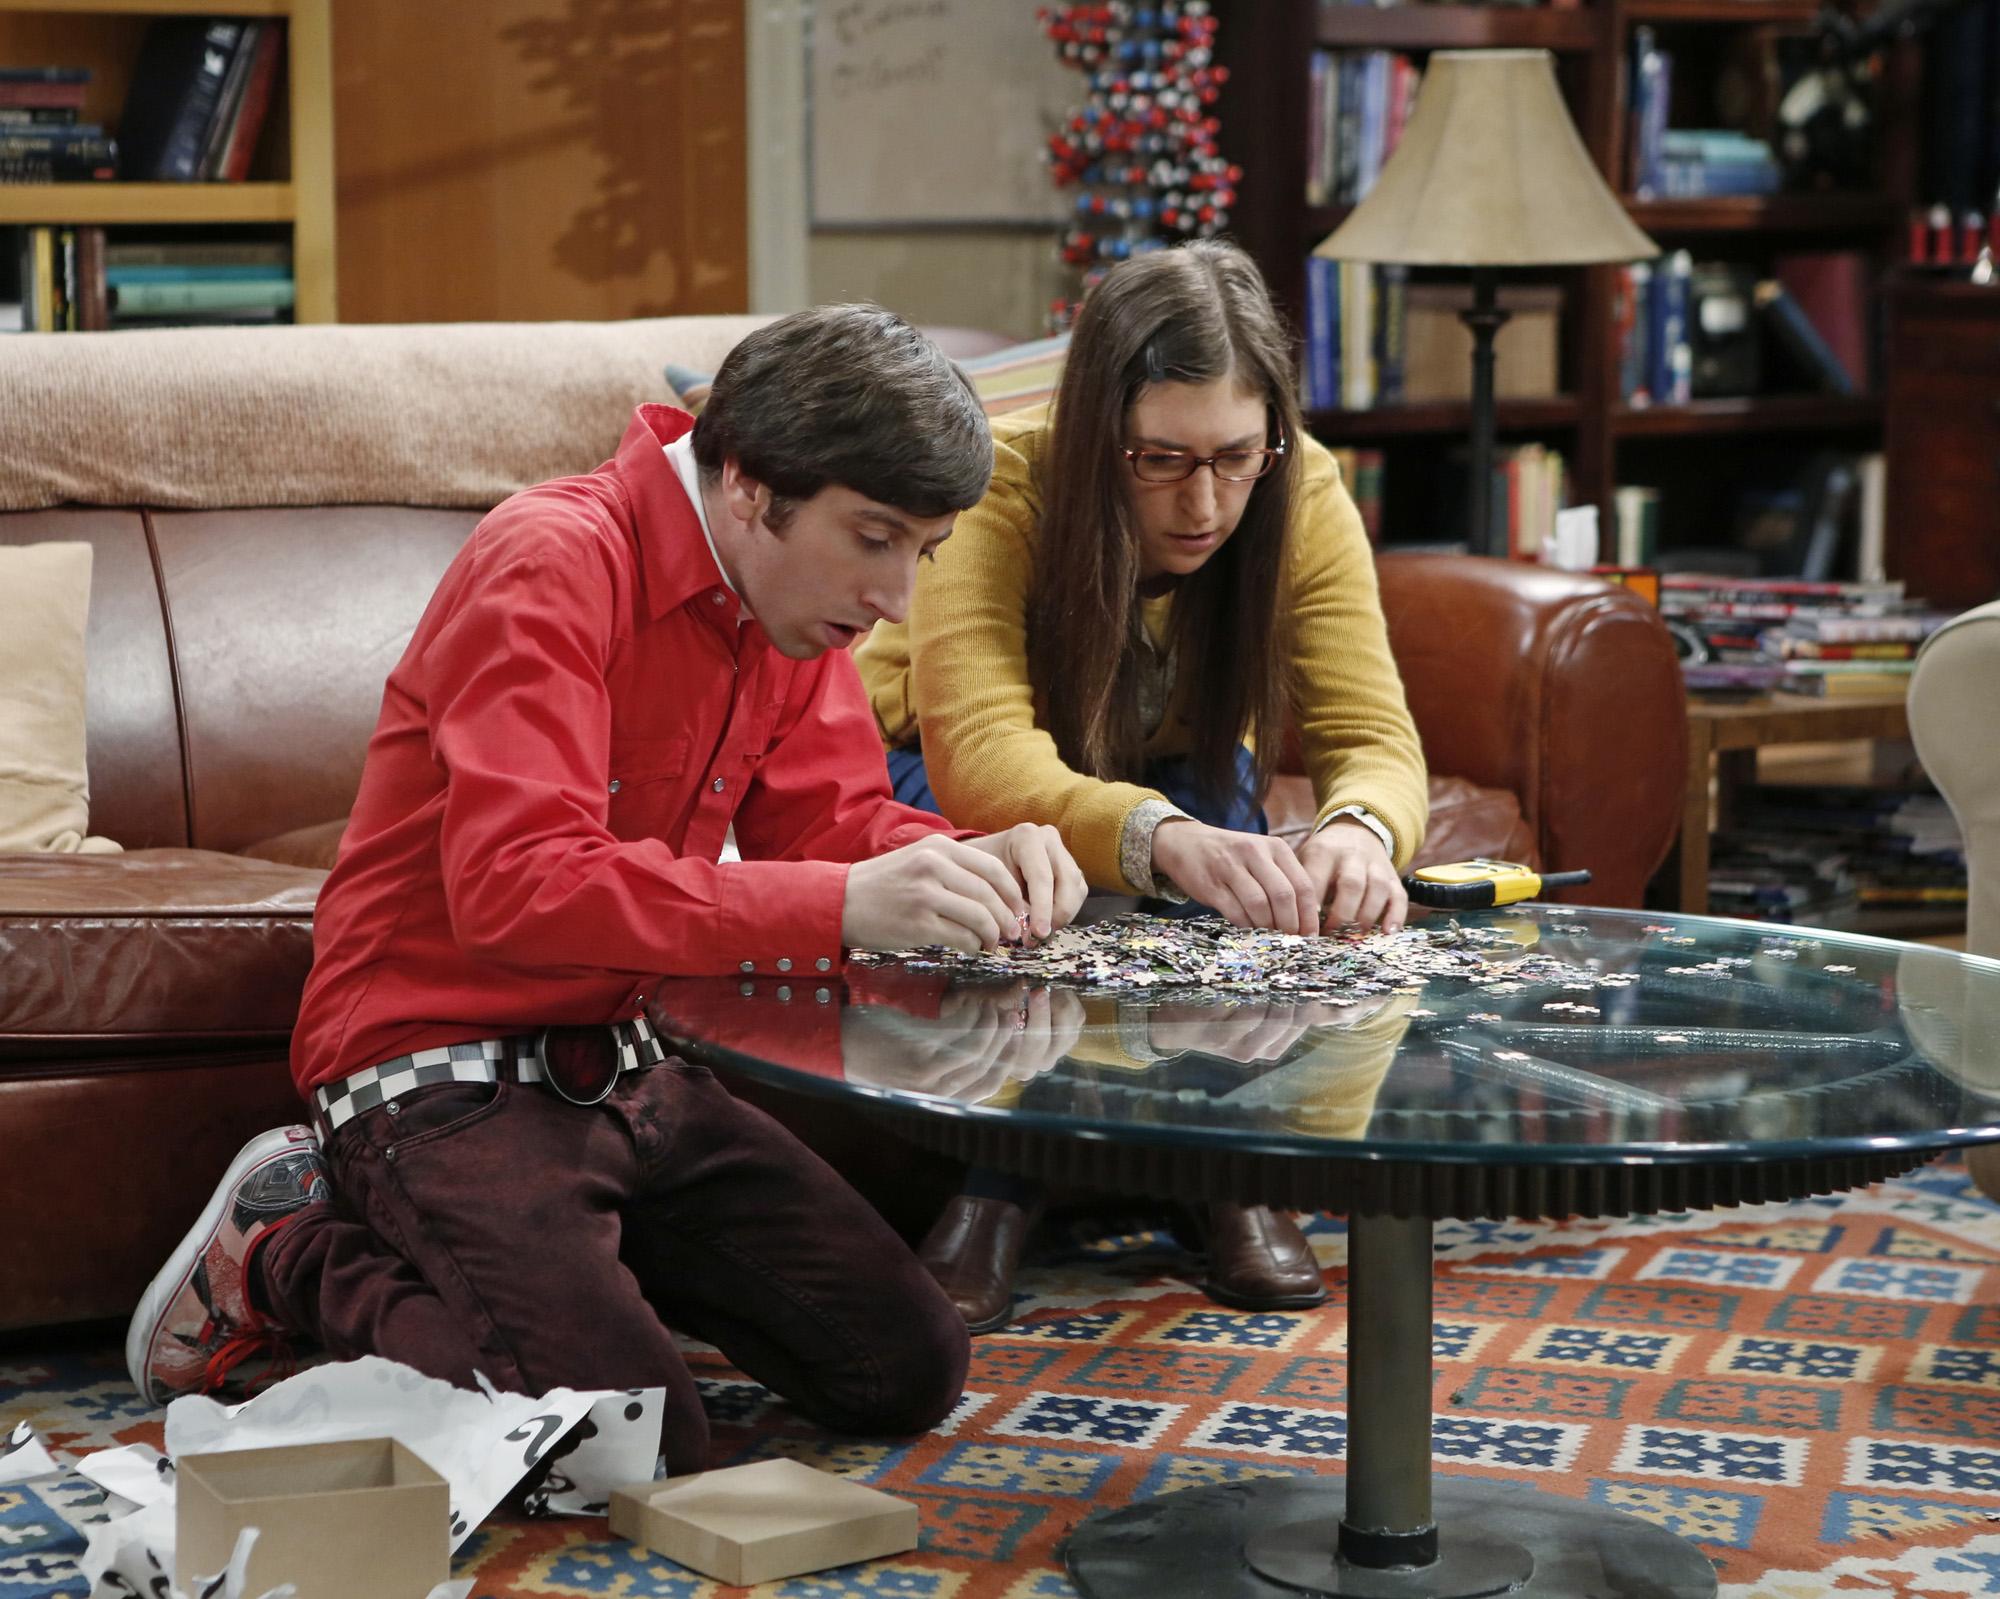 Howard & Amy in